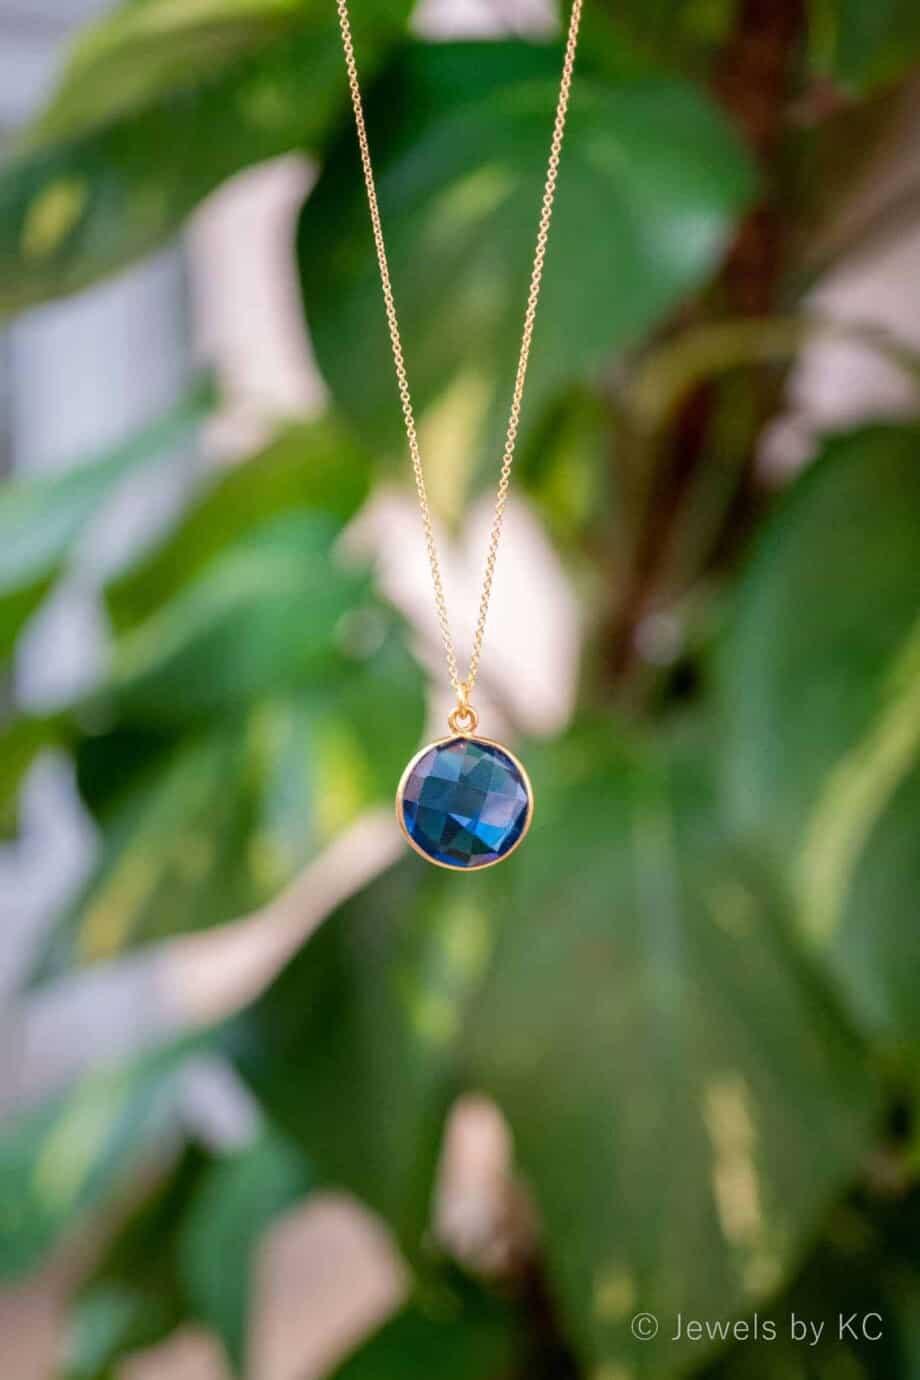 Handgemaakte Gouden Ketting met edelsteen Blue-Iolite